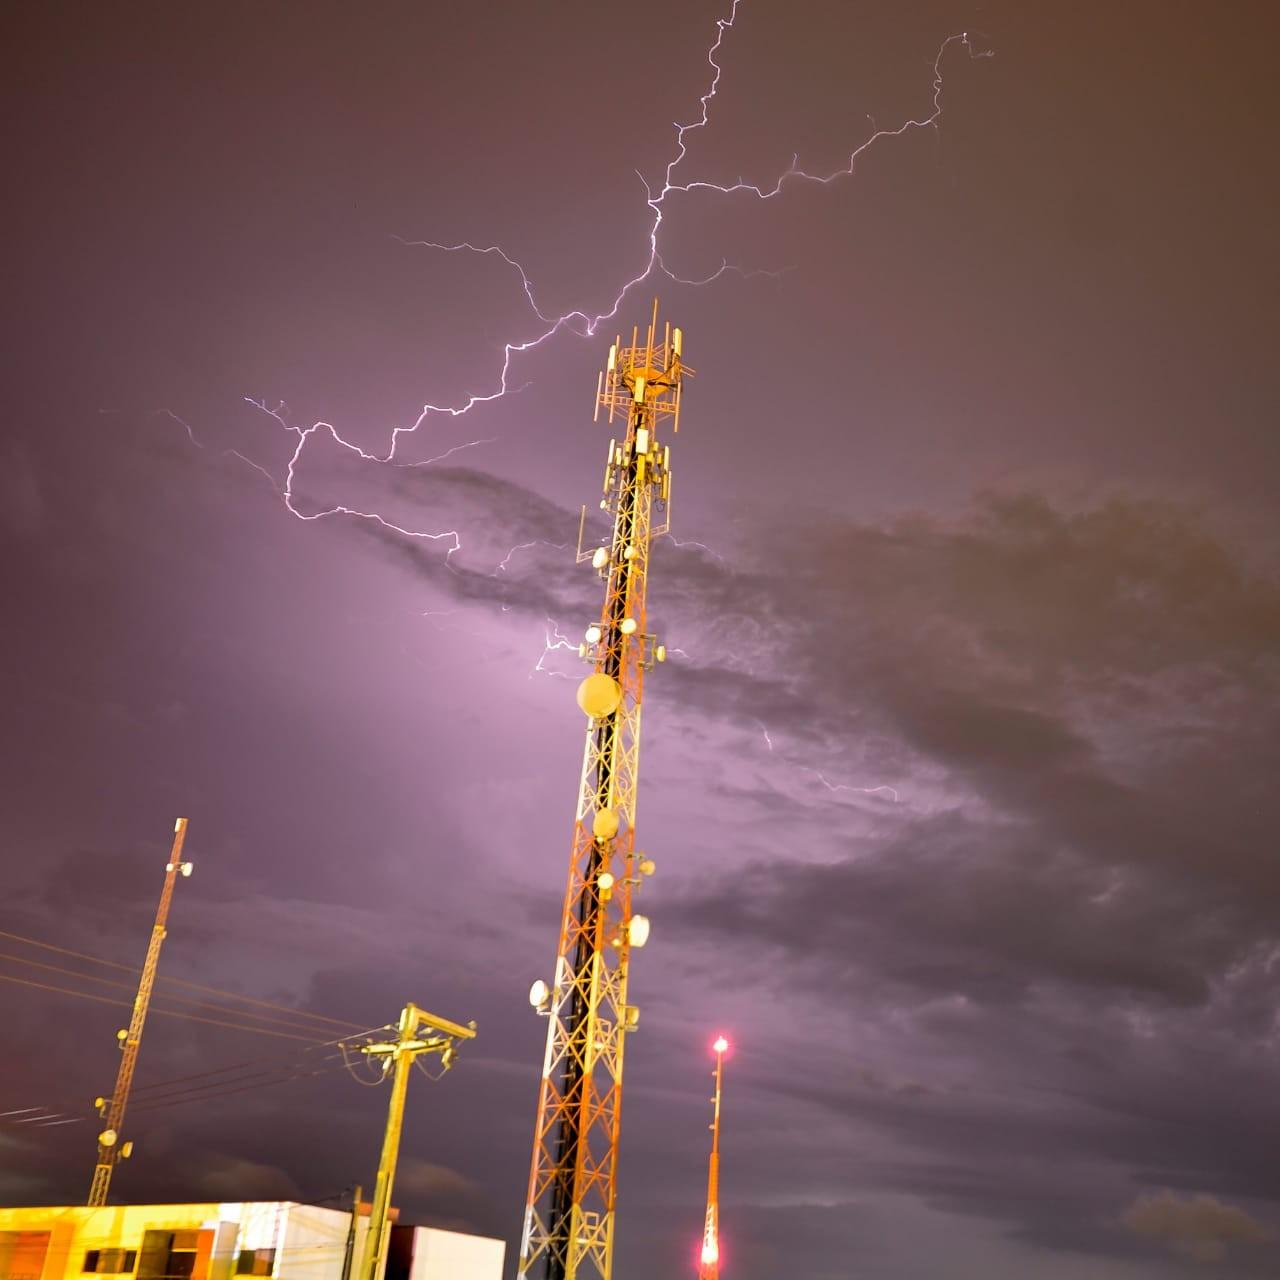 Raios, trovões e rajadas de vento são registrados durante chuva no Agreste; vídeo